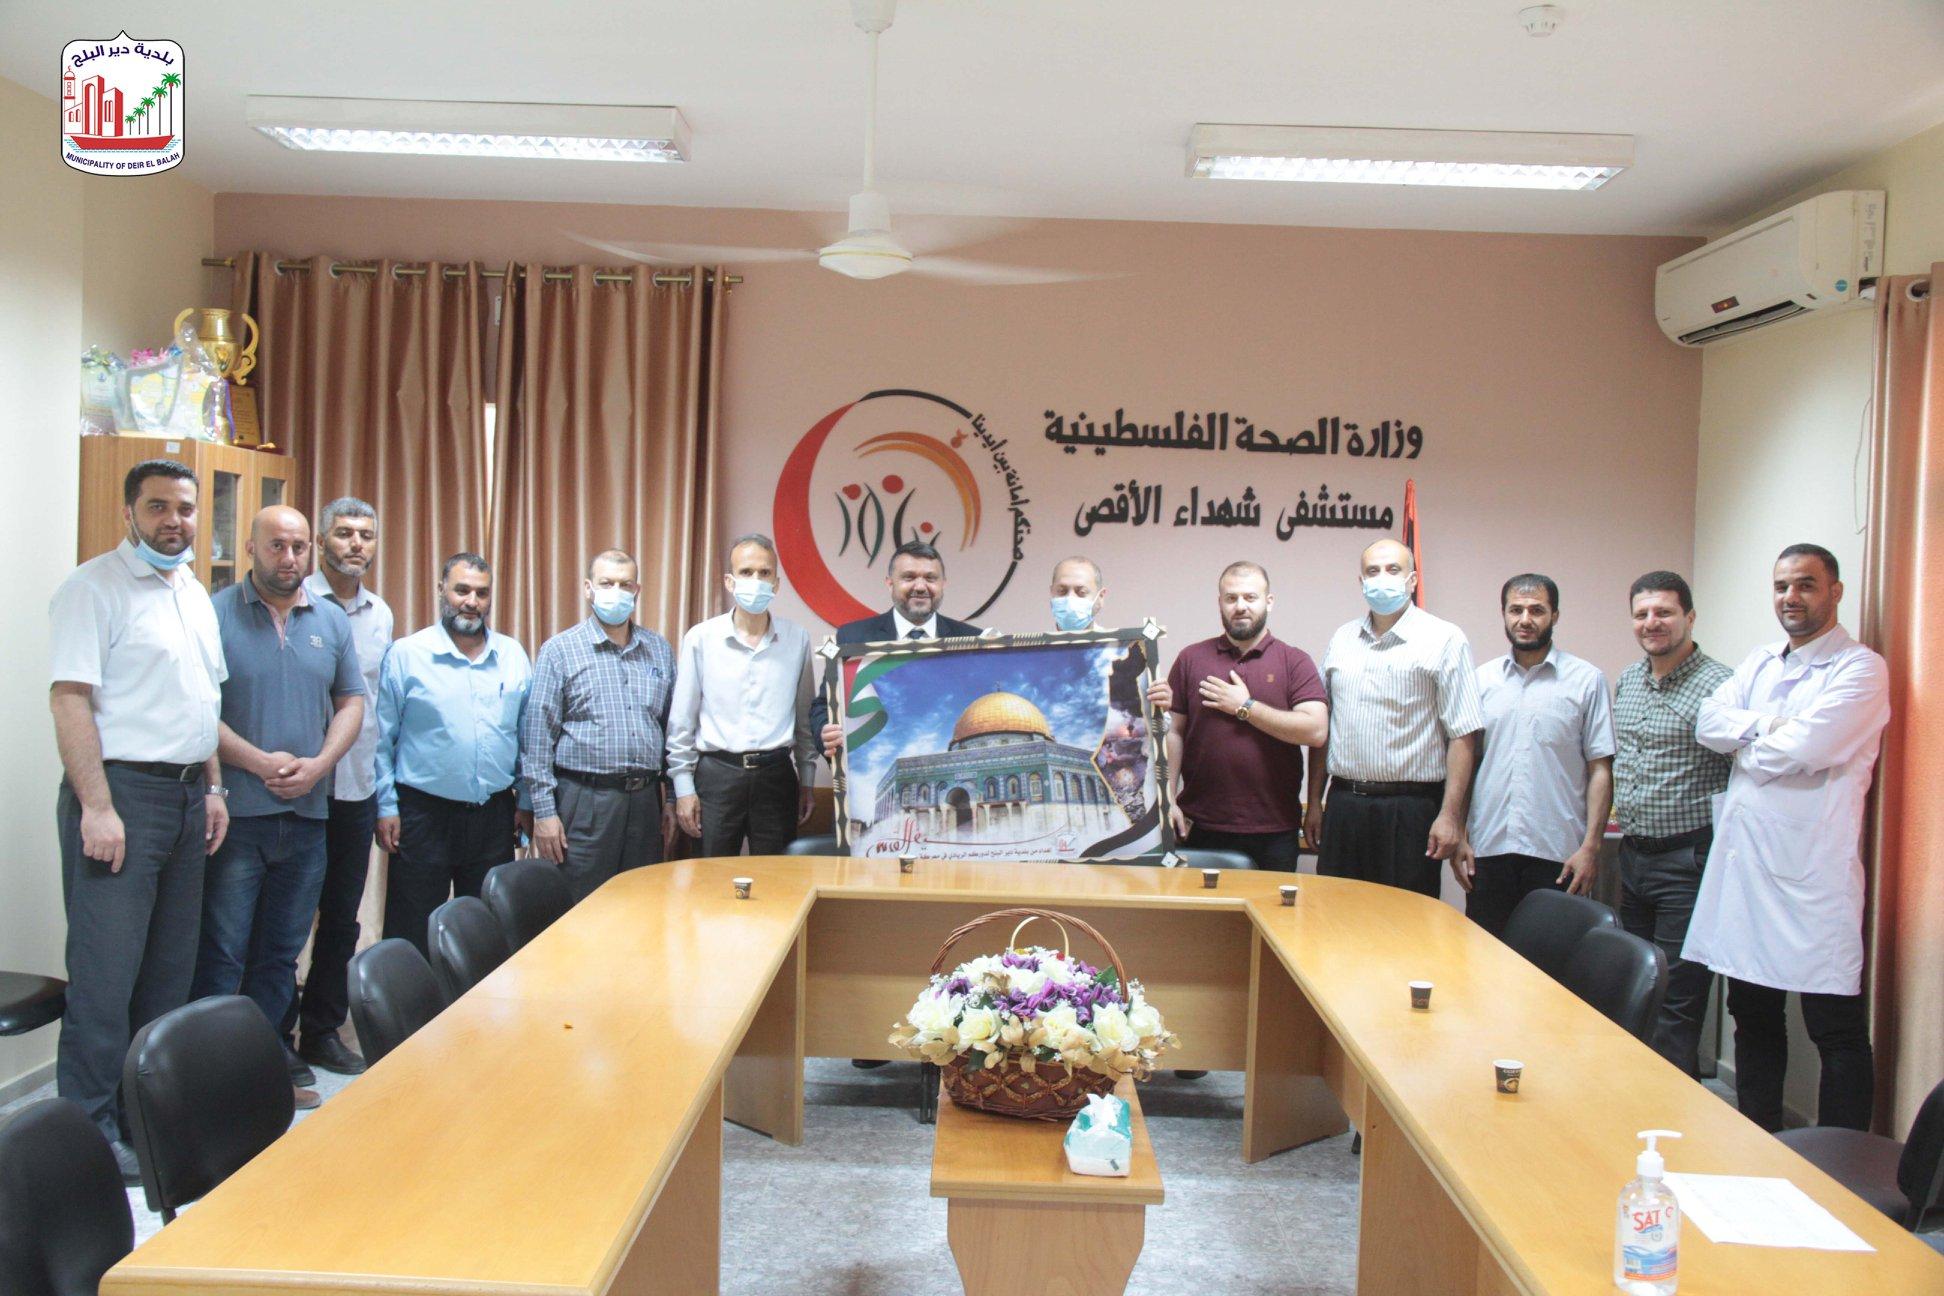 زيارة مستشفى شهداء الأقصى   ضمن حملة